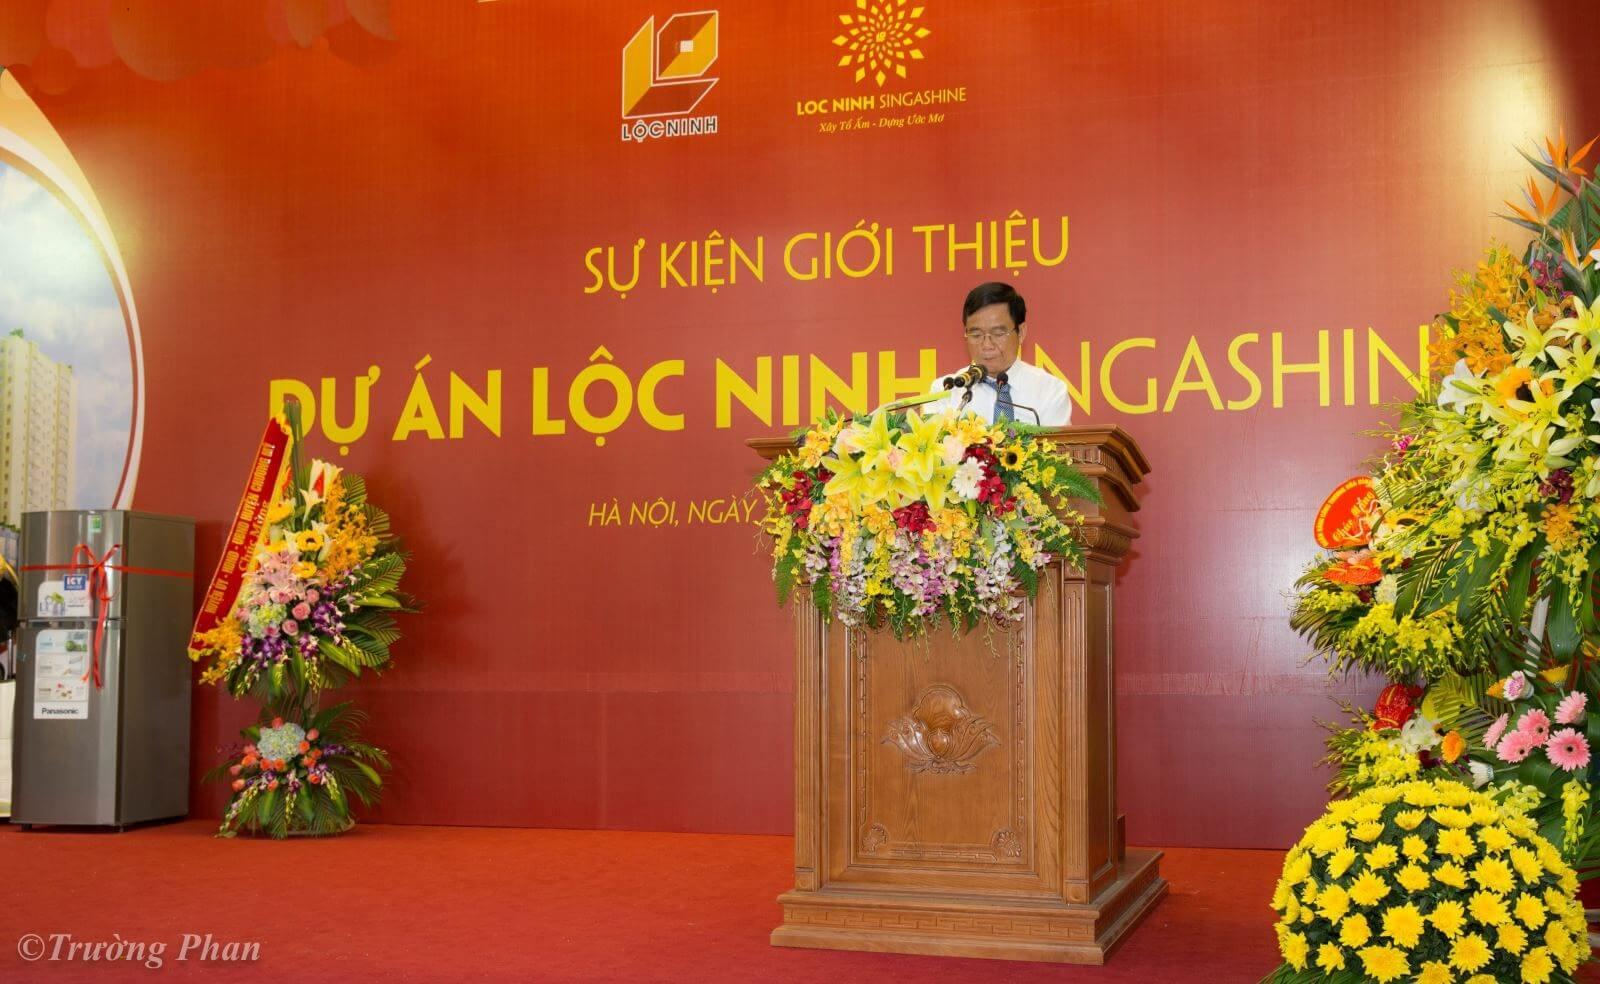 Sự kiện giới thiệu dự án chung cư Lộc Ninh.